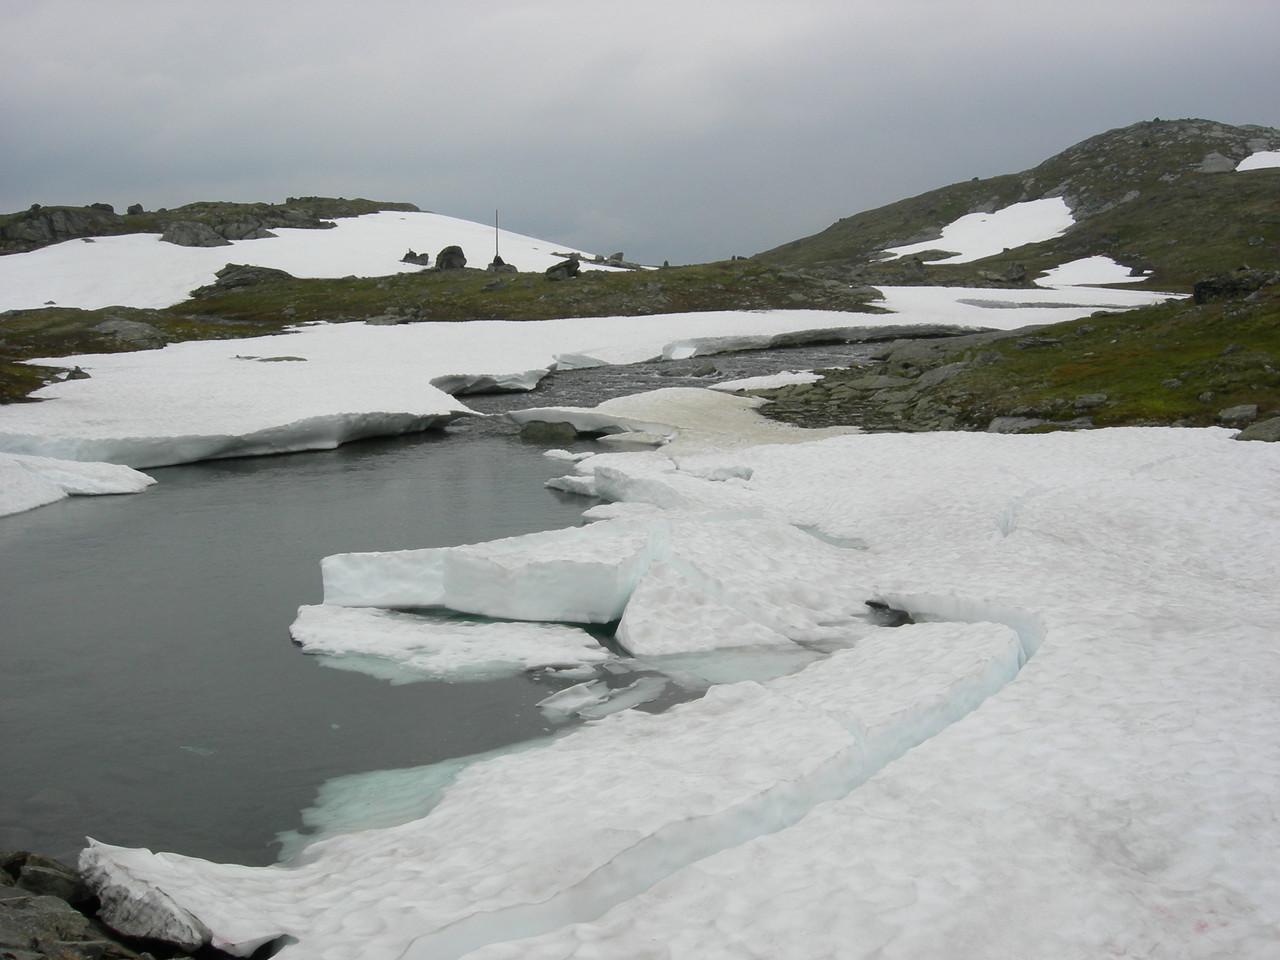 und es hat noch viel Eis auf den Seen